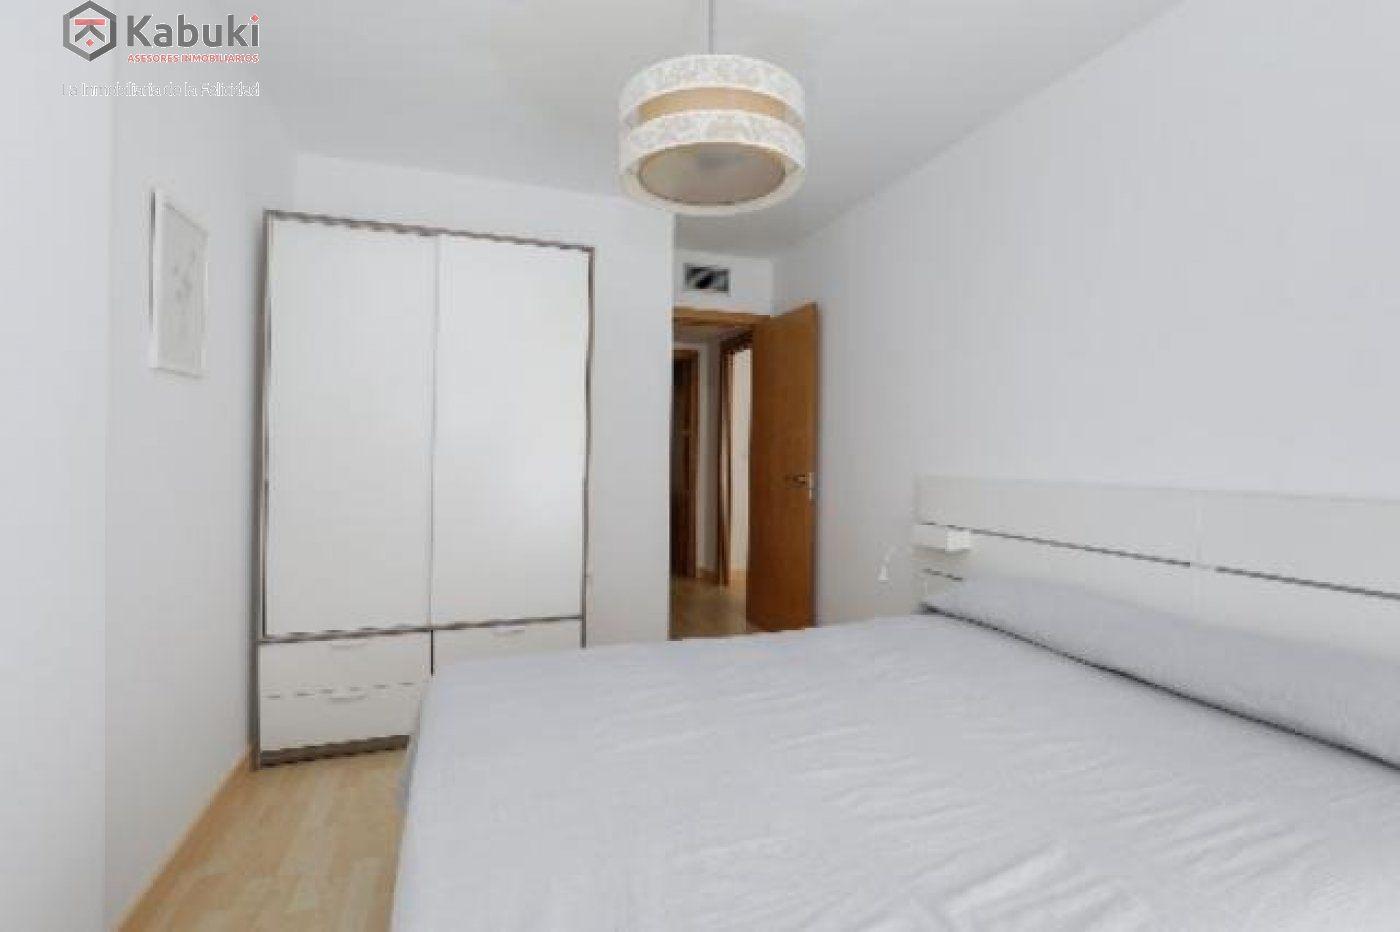 Coqueto y luminoso apartamento en un entorno privilegiado junto a los cahorros - imagenInmueble7